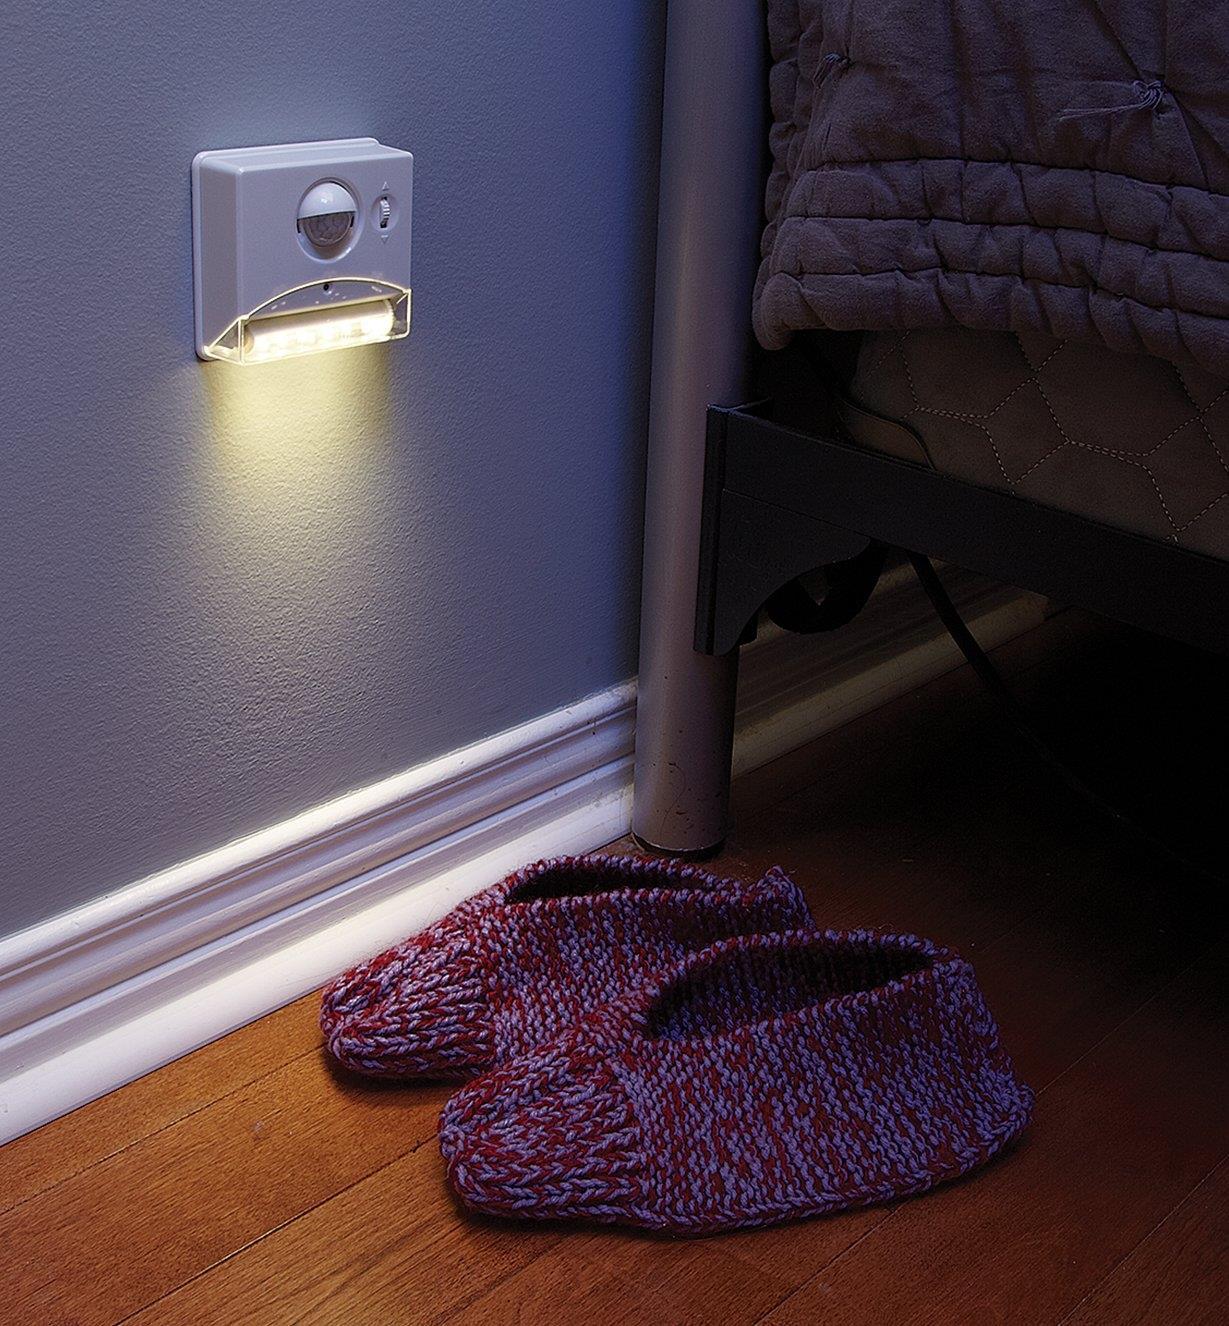 Lampe à détecteur infrarouge passif réglable posée sur un mur près du lit et éclairant une paire de pantoufles sur le plancher